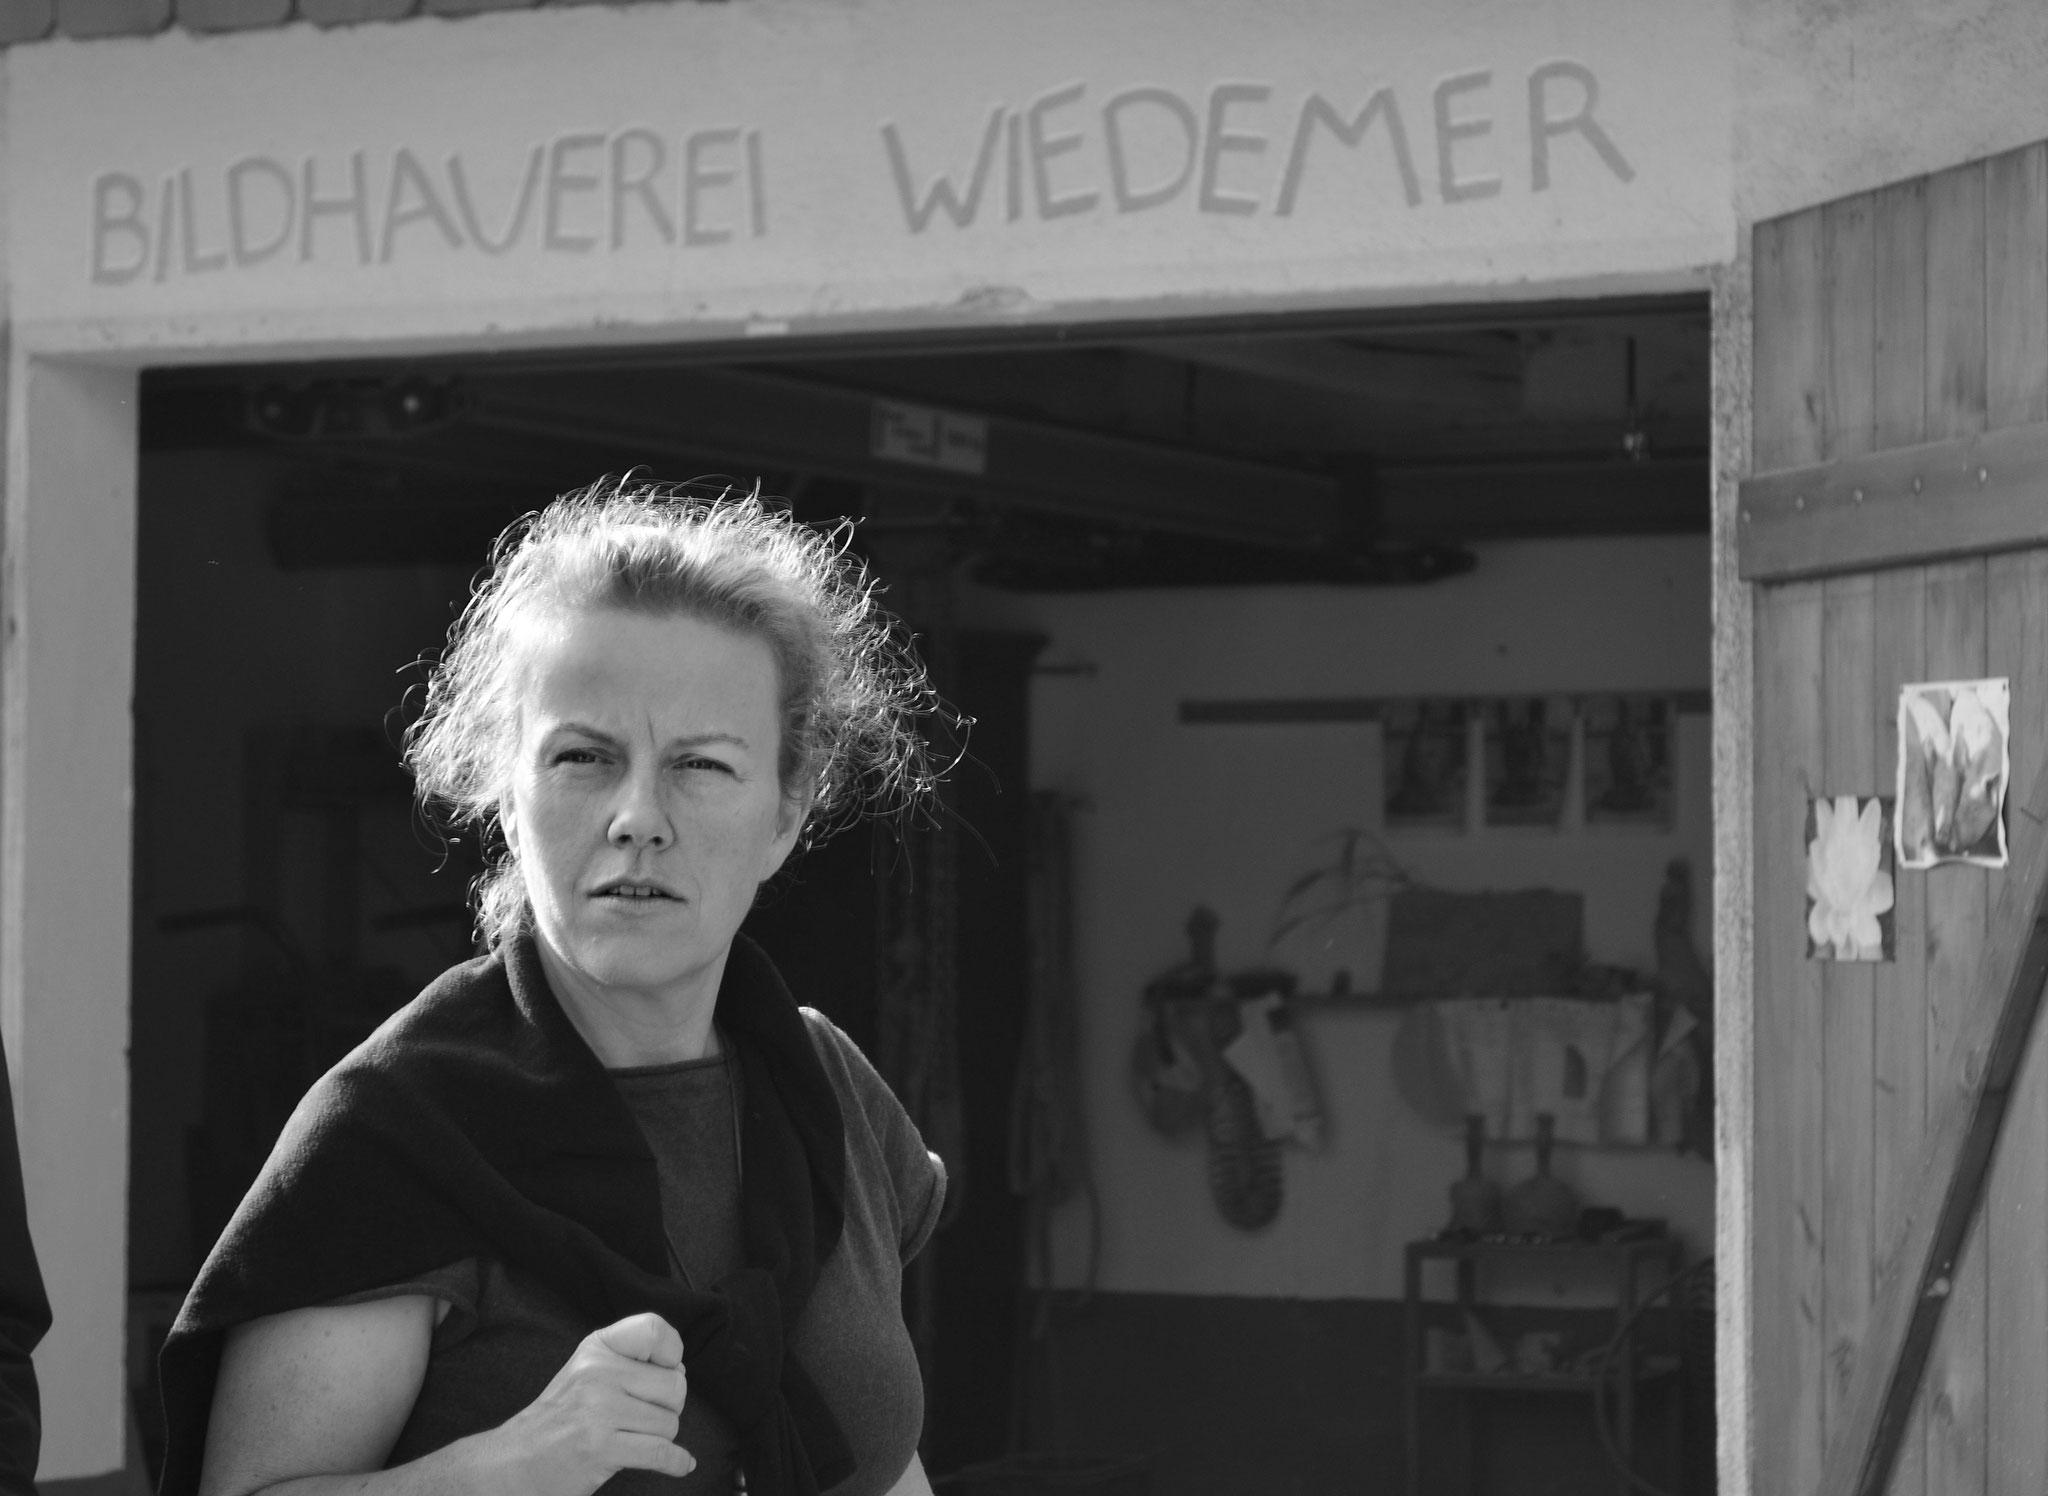 Ursula Wiedemer   -  Bildhauerei Wiedemer Basadingen